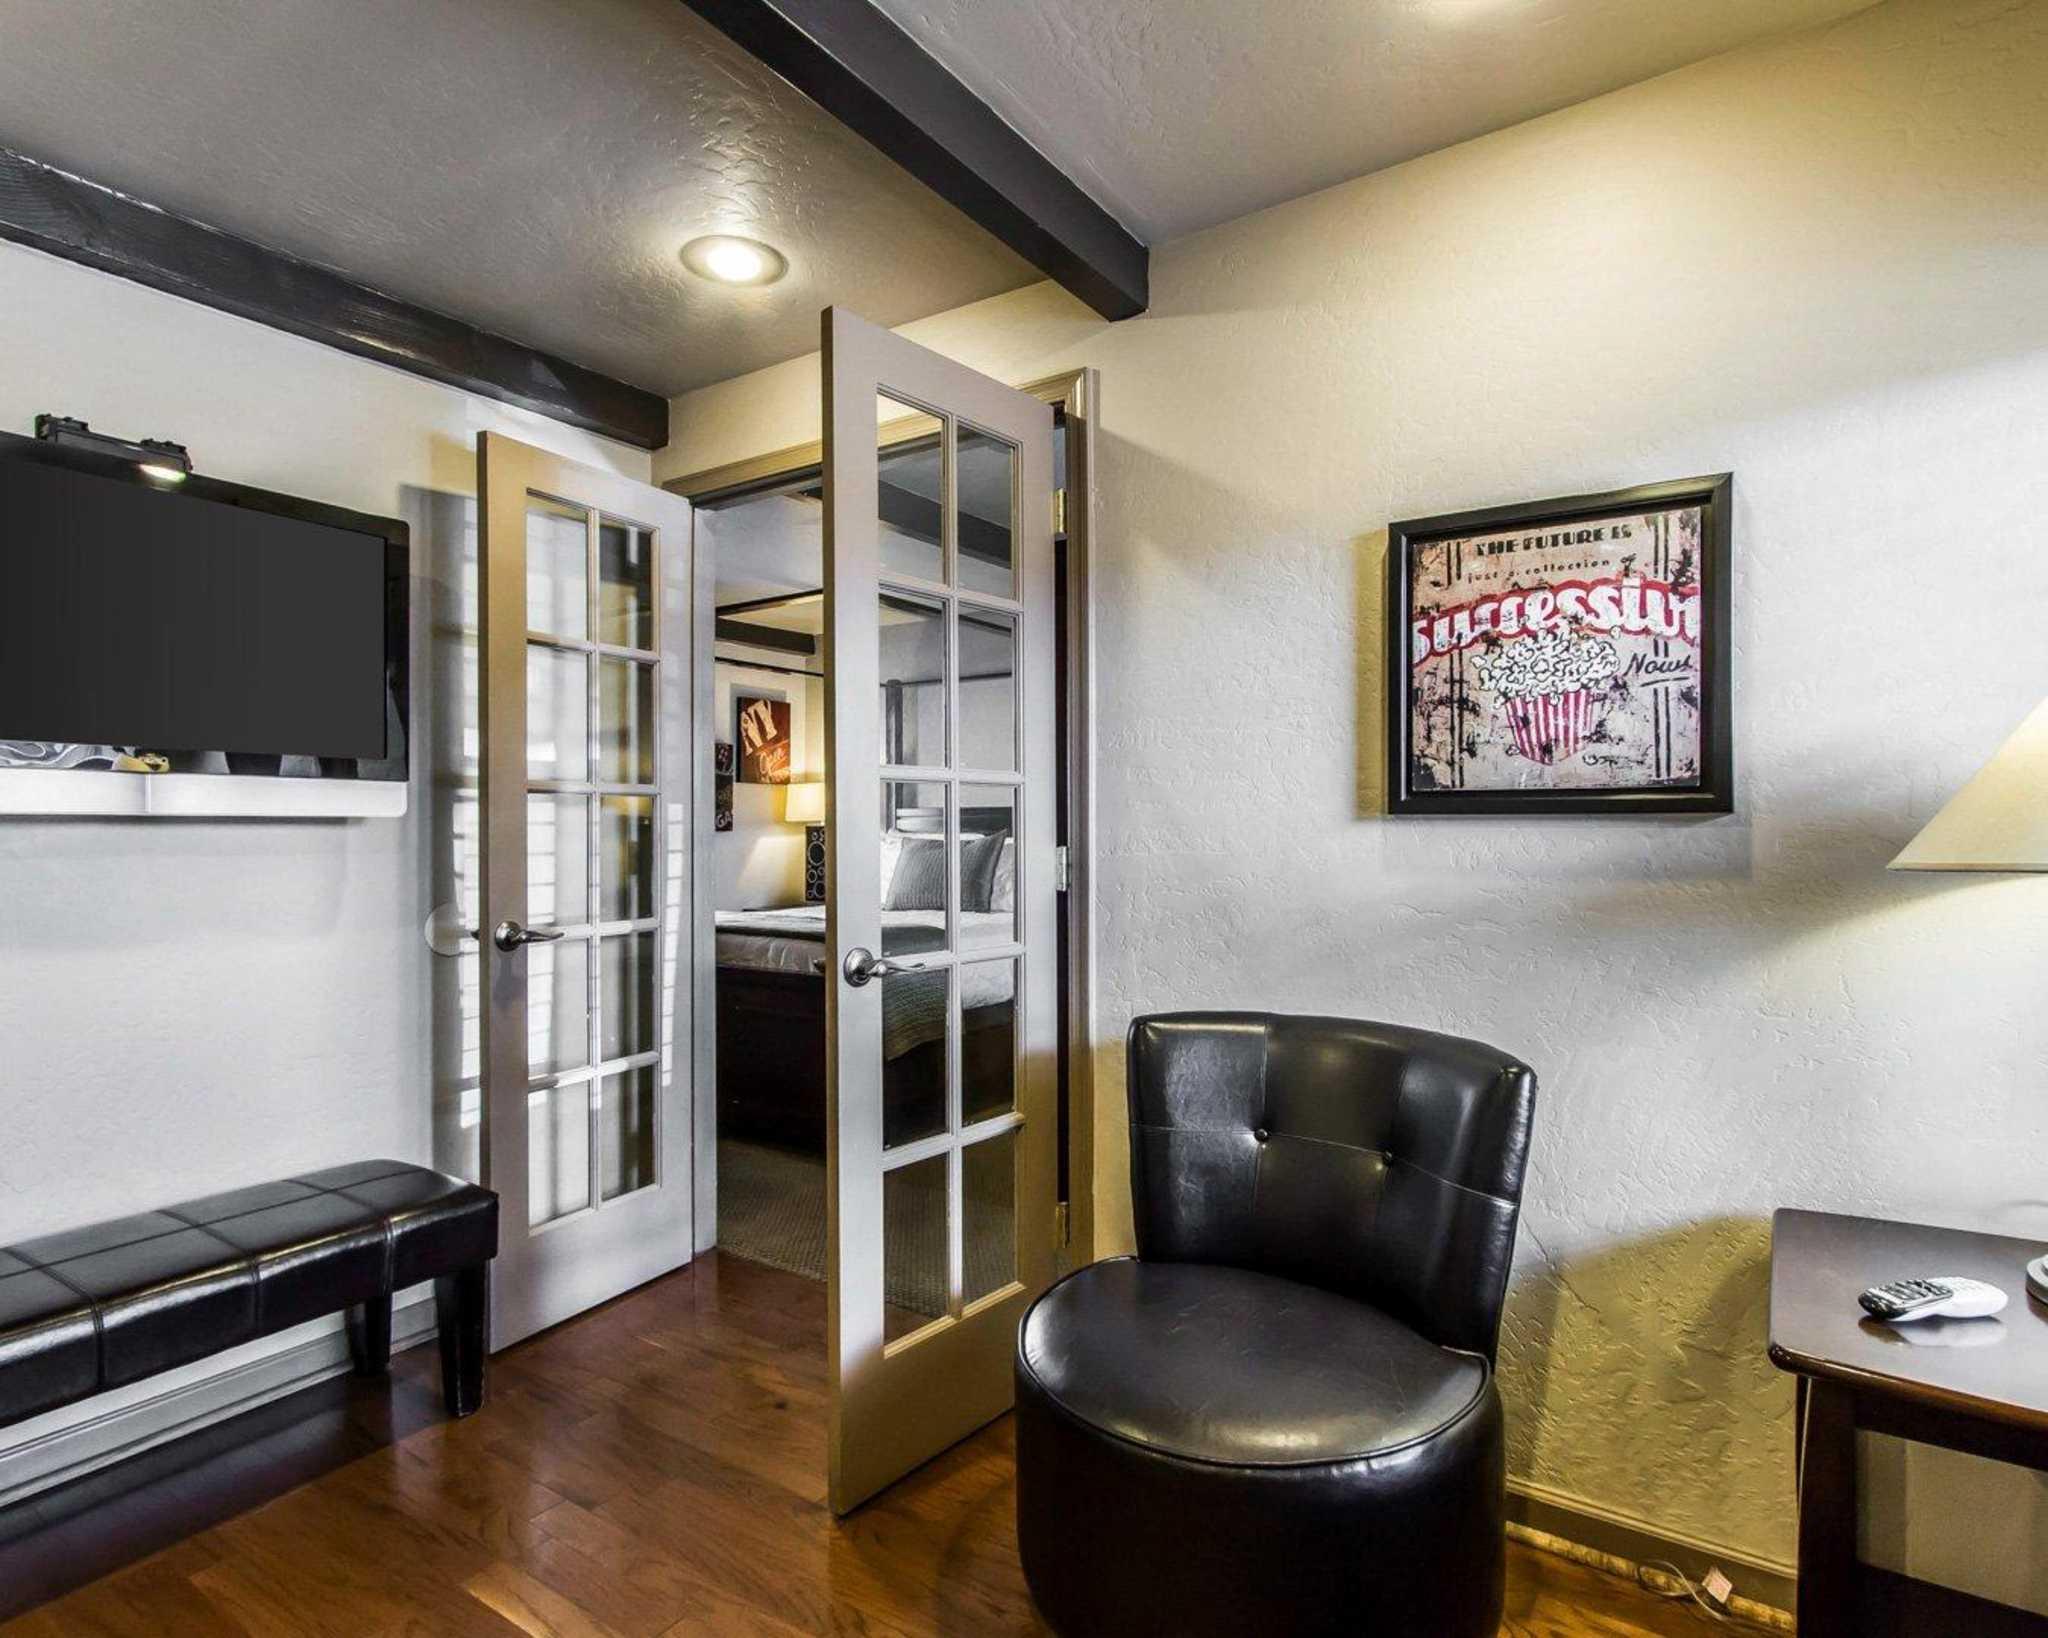 Rodeway Inn & Suites Downtowner-Rte 66 image 24